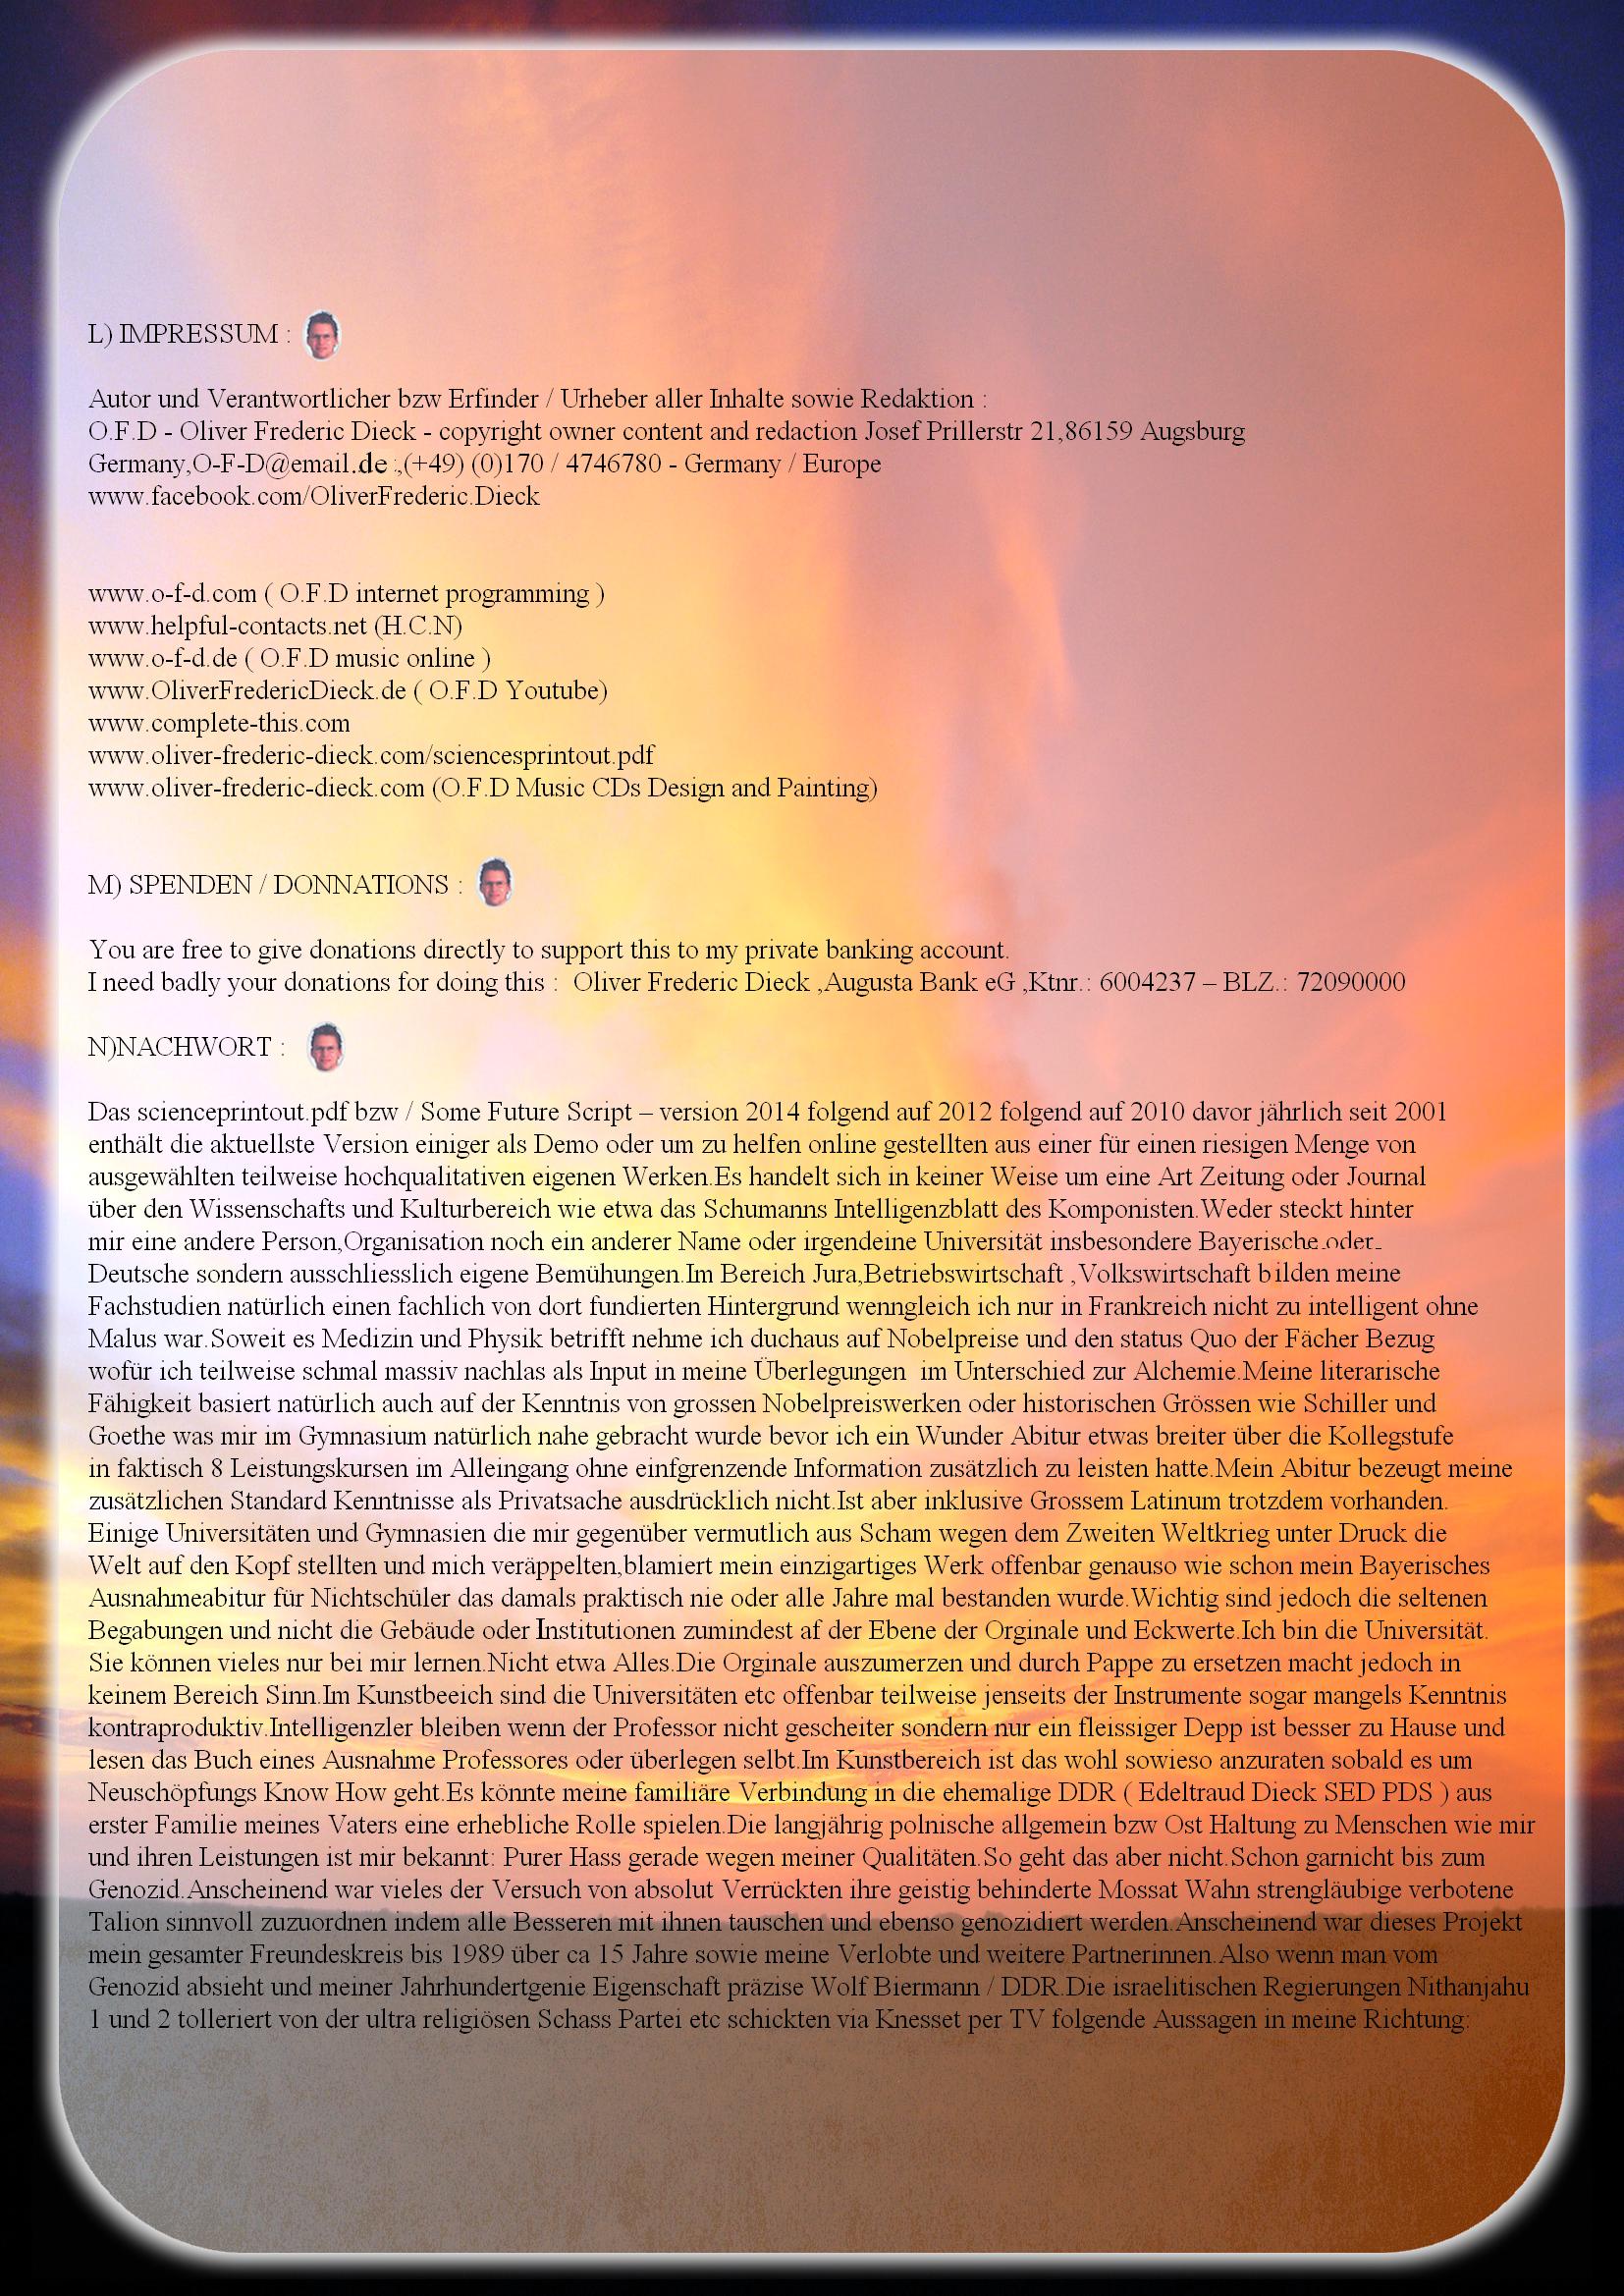 Das Some Future script 2014 Einige wichtige wissenschaftliche